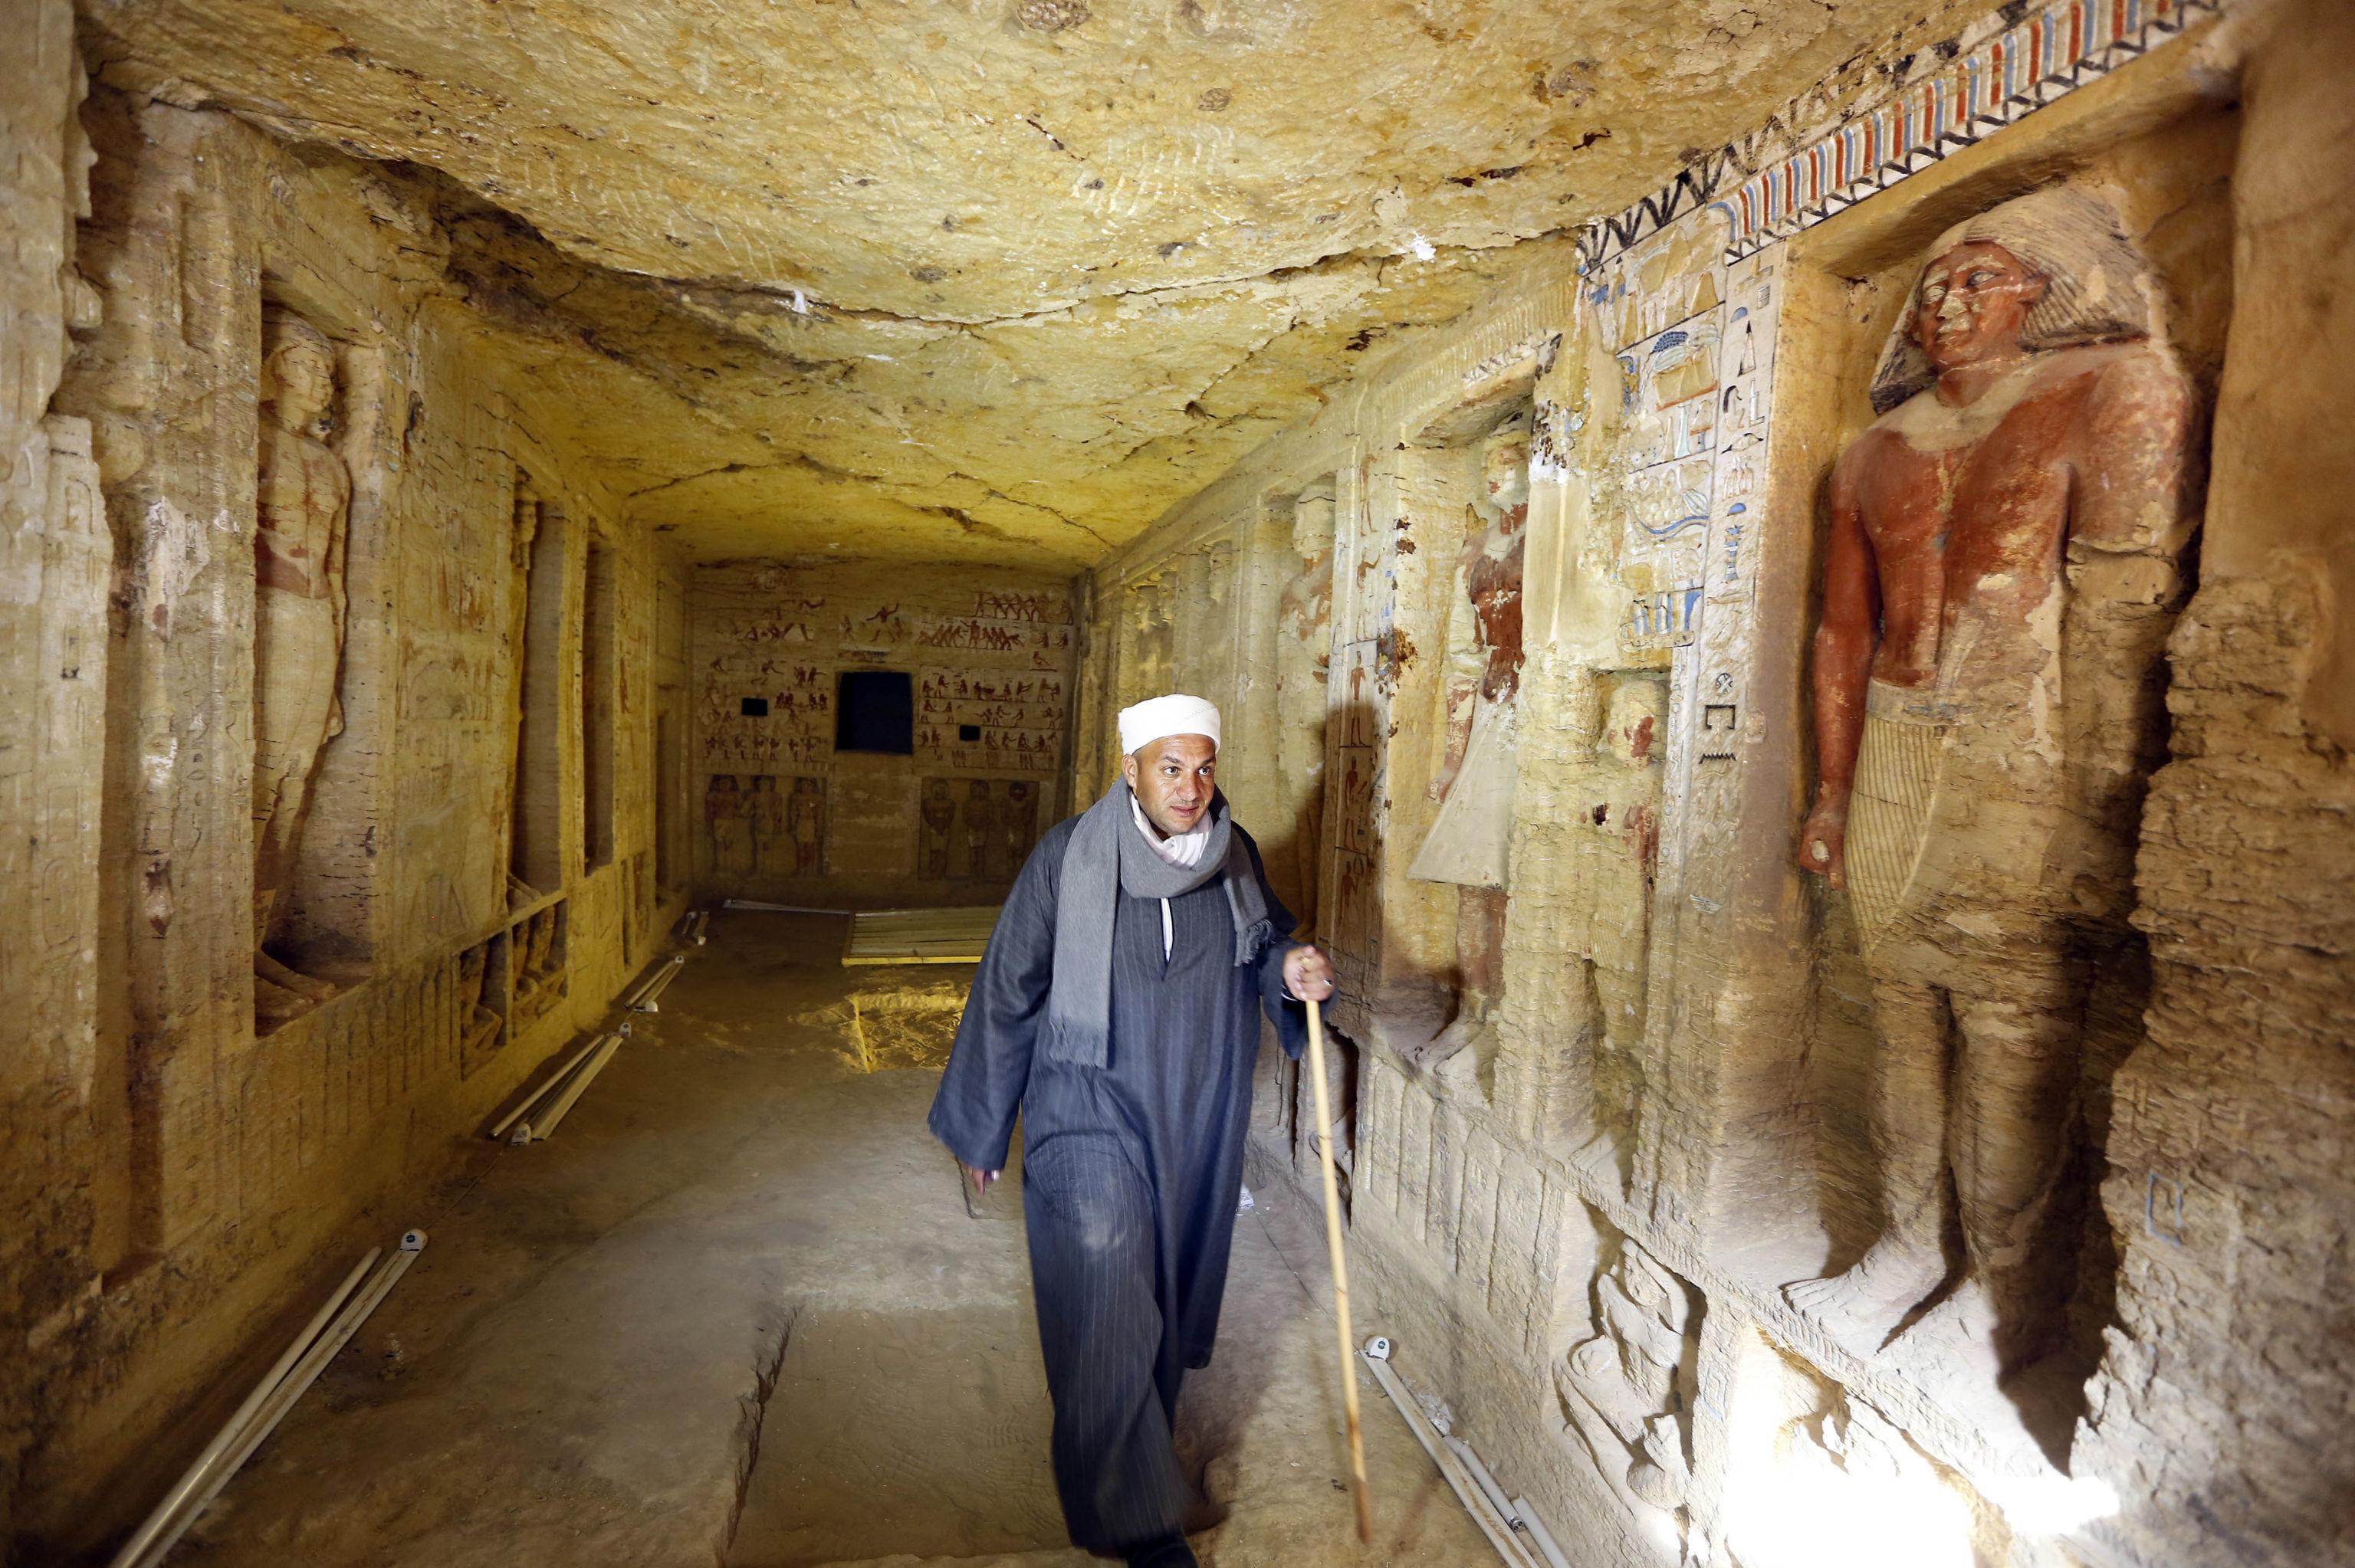 Mustafa Abdo, chefe dos trabalhos de escavação, caminha em uma tumba recém-descoberta no sitio arqueológico de Sacará